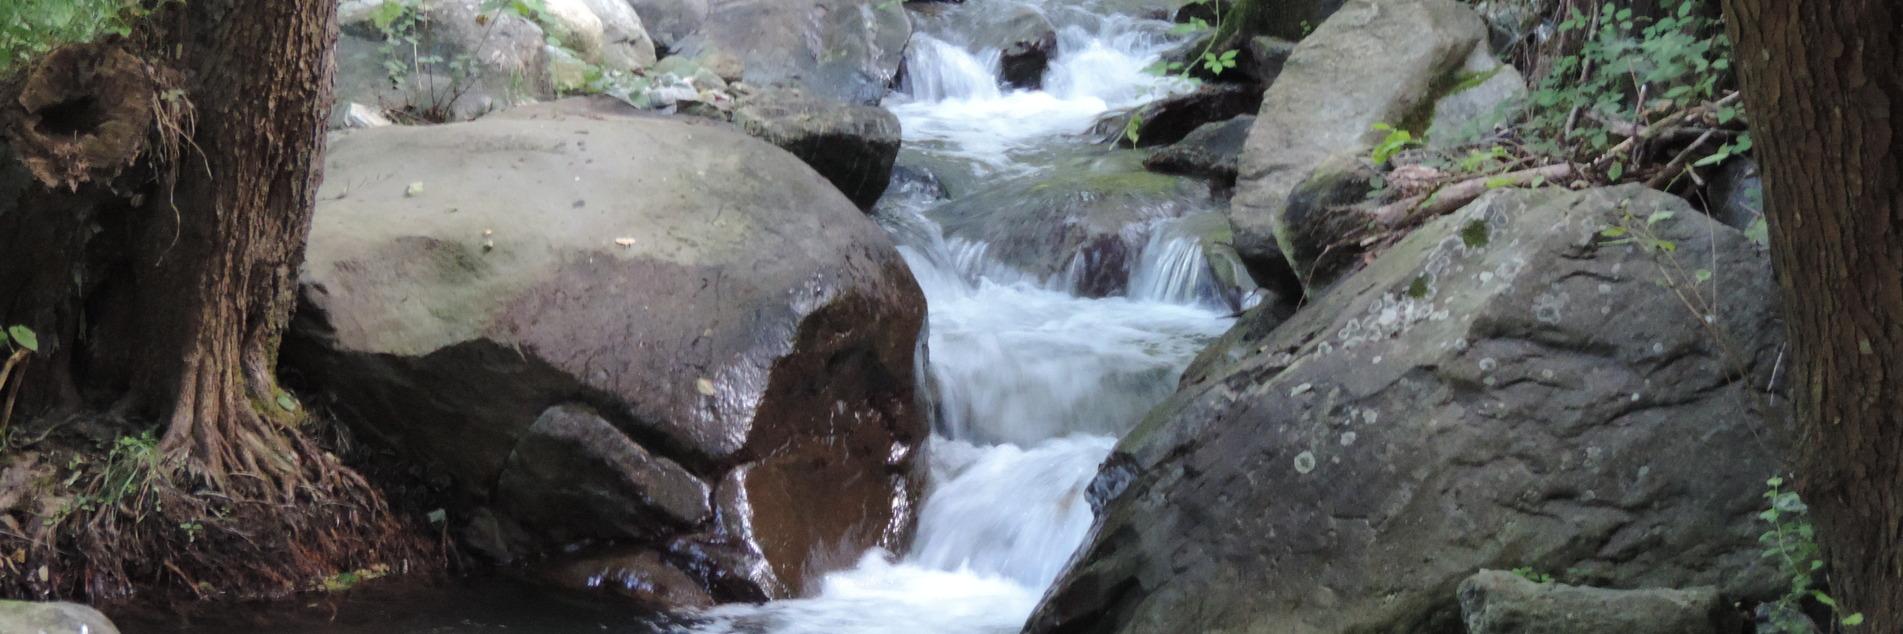 Escursione al fiume Veri